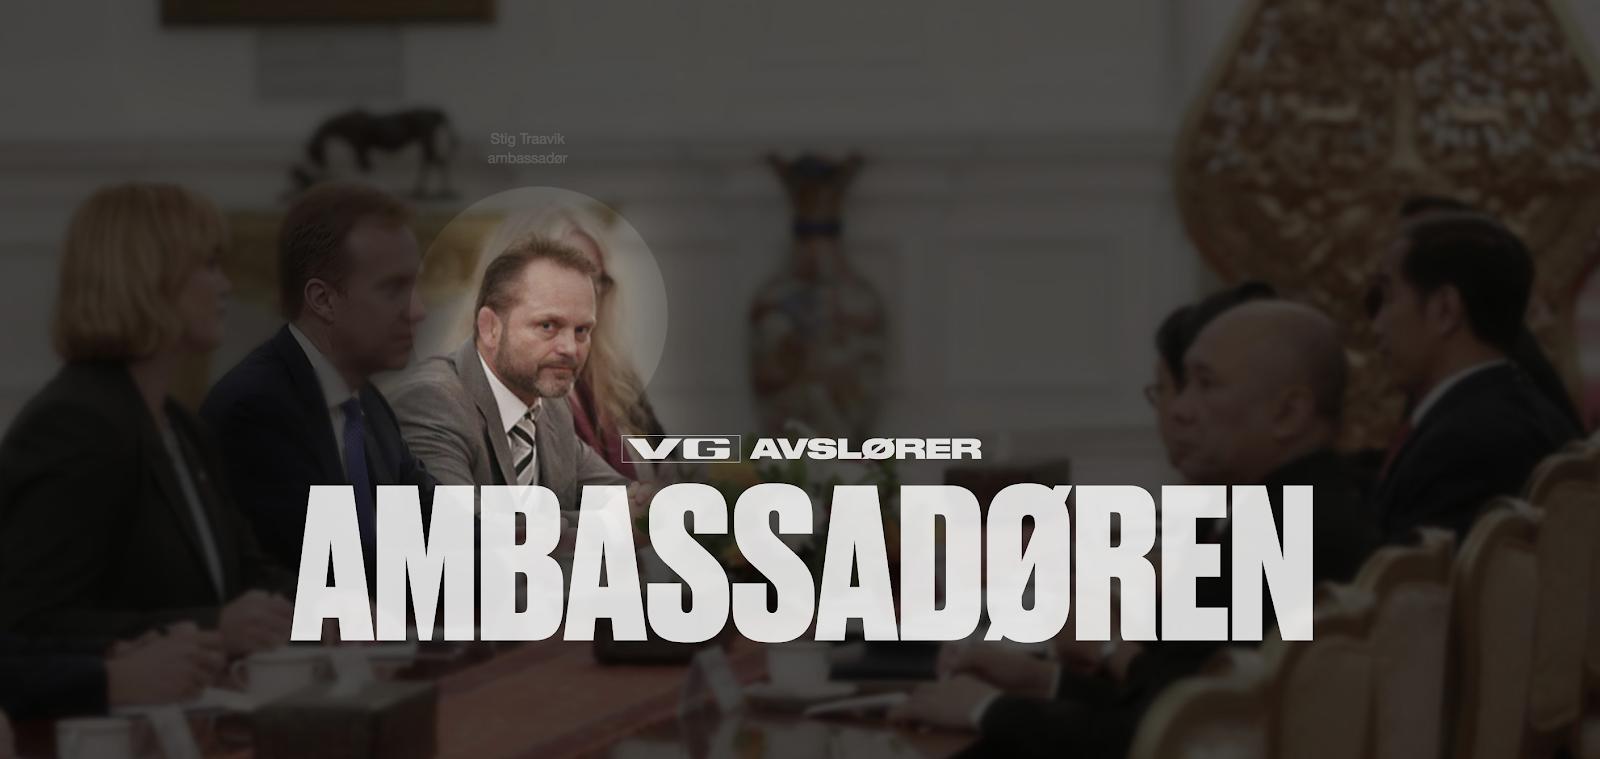 7b55a34d En av elskerinnene mottok 1,4 millioner bistandskroner til organisasjonen  sin fra den norske ambassaden.